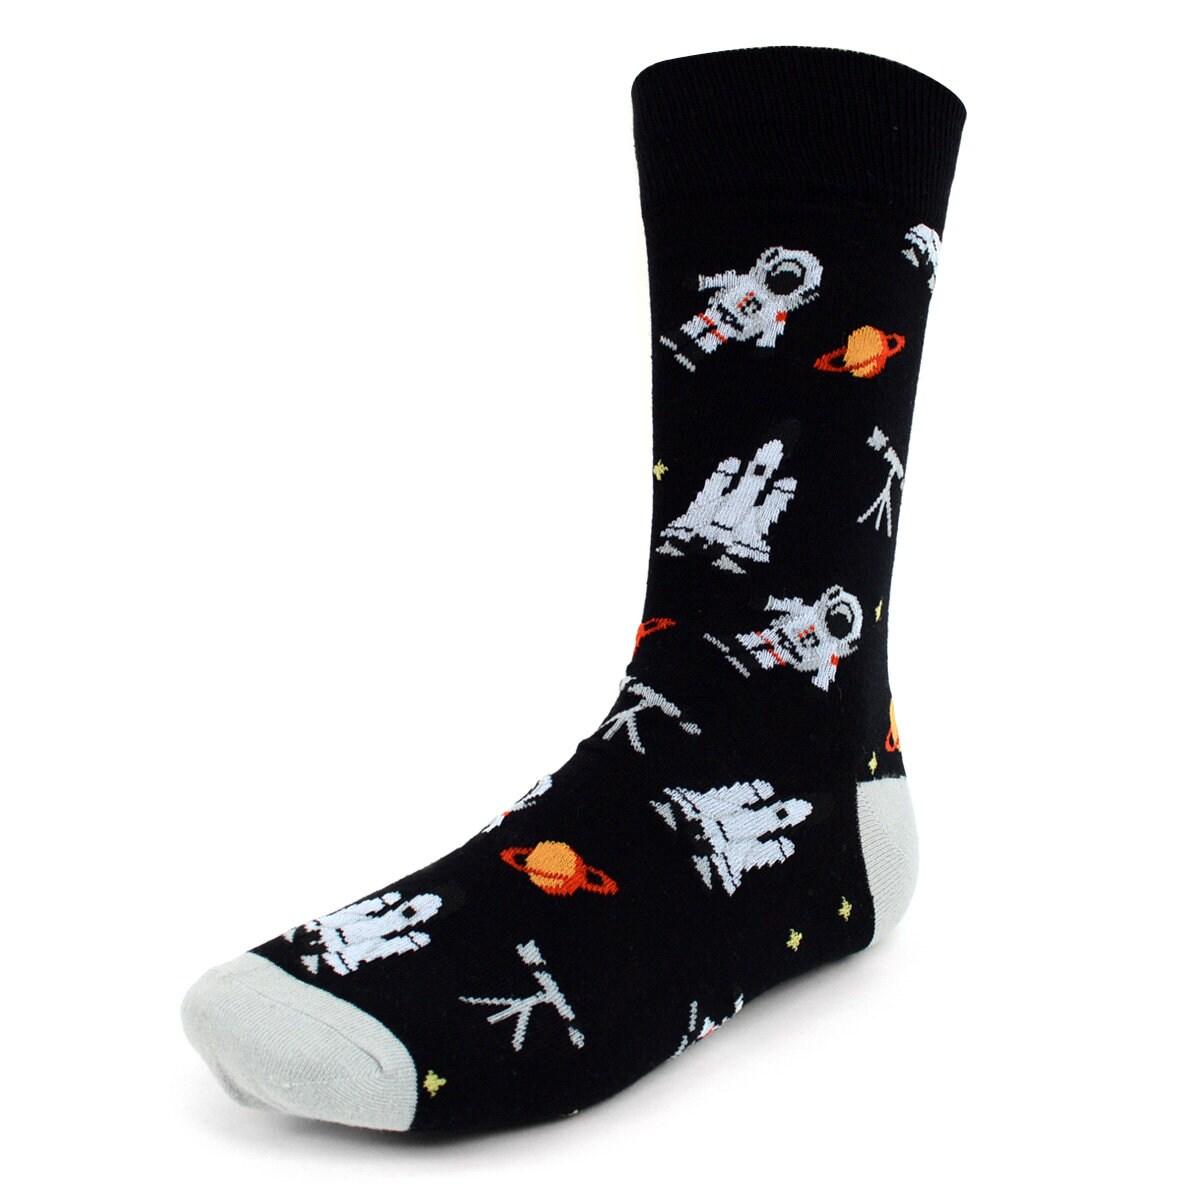 Noir astronaute chaussettes pour hommes | | hommes Robe chaussette | Coton de première qualité 046204